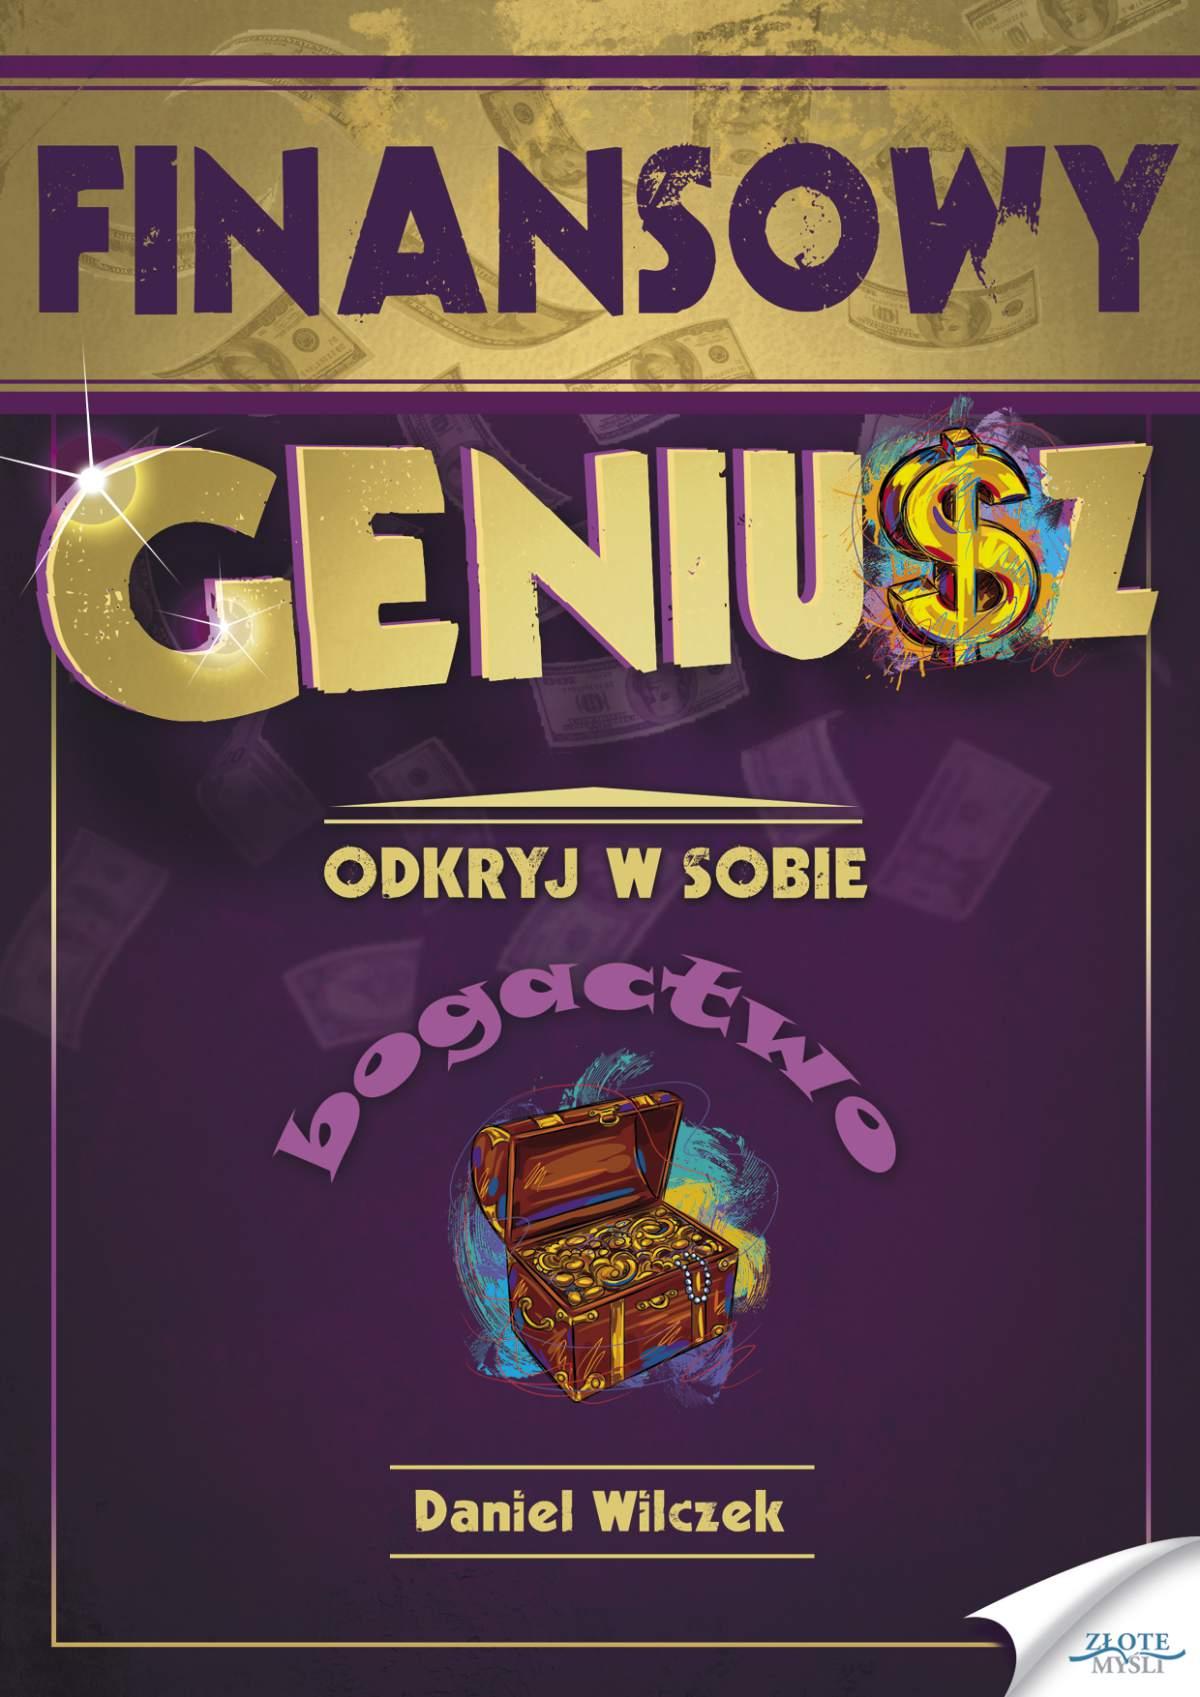 Finansowy Geniusz - Ebook (Książka na Kindle) do pobrania w formacie MOBI